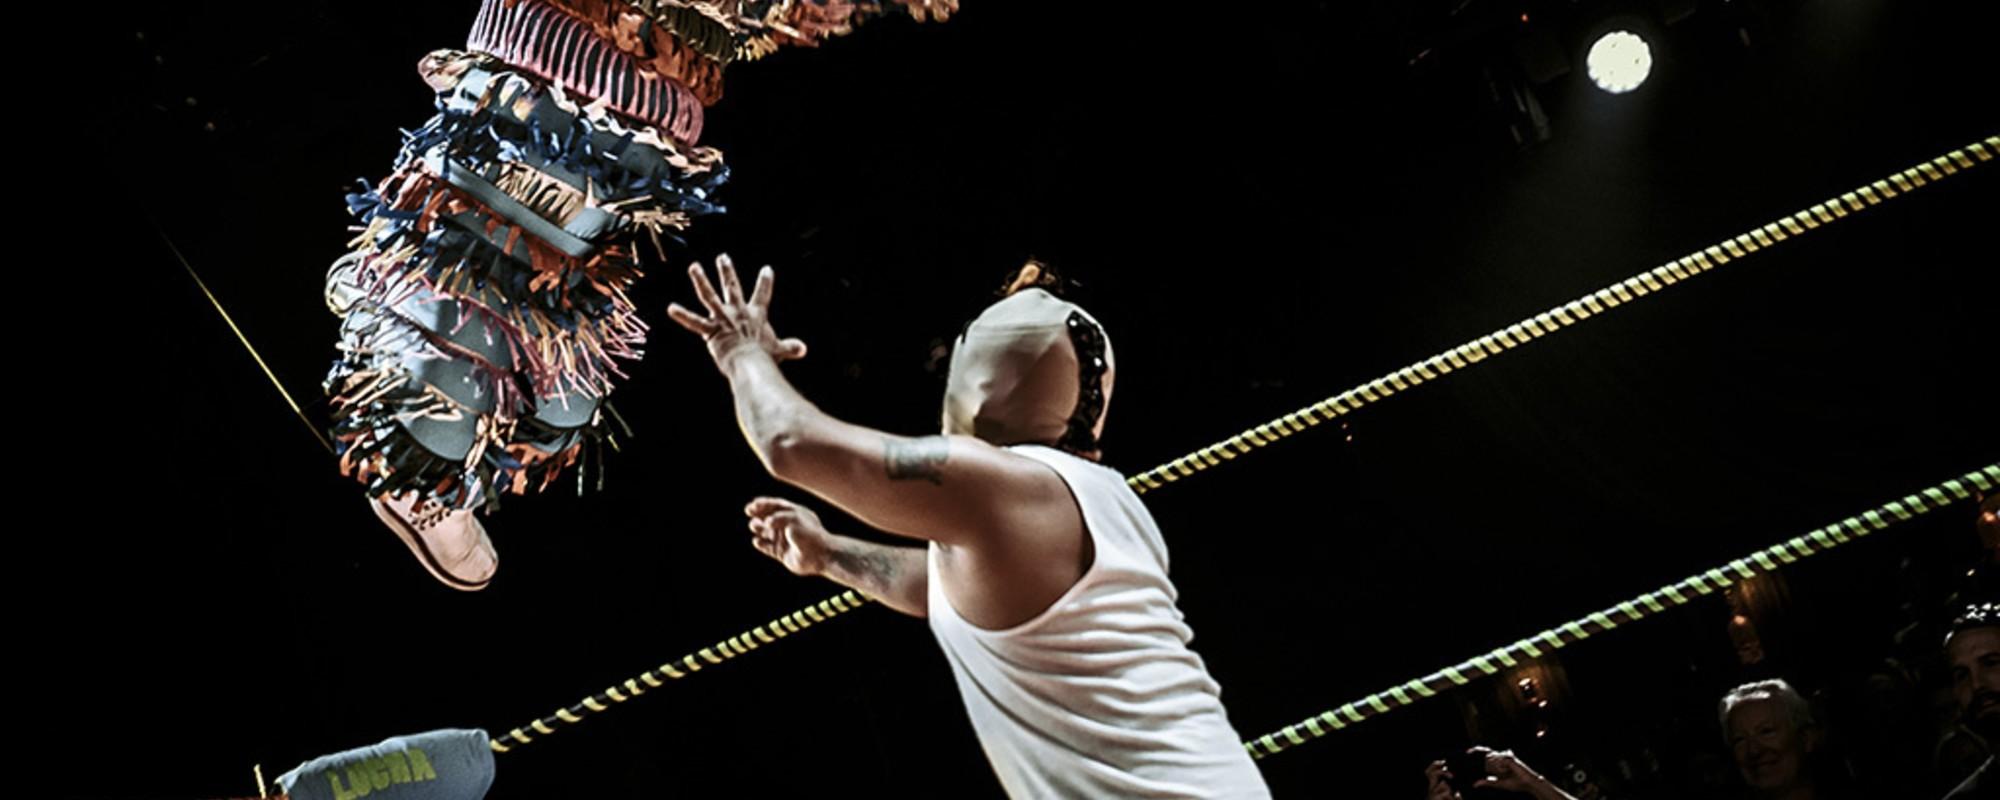 Den v životě nejmenšího zápasníka Lucha Libre v LA